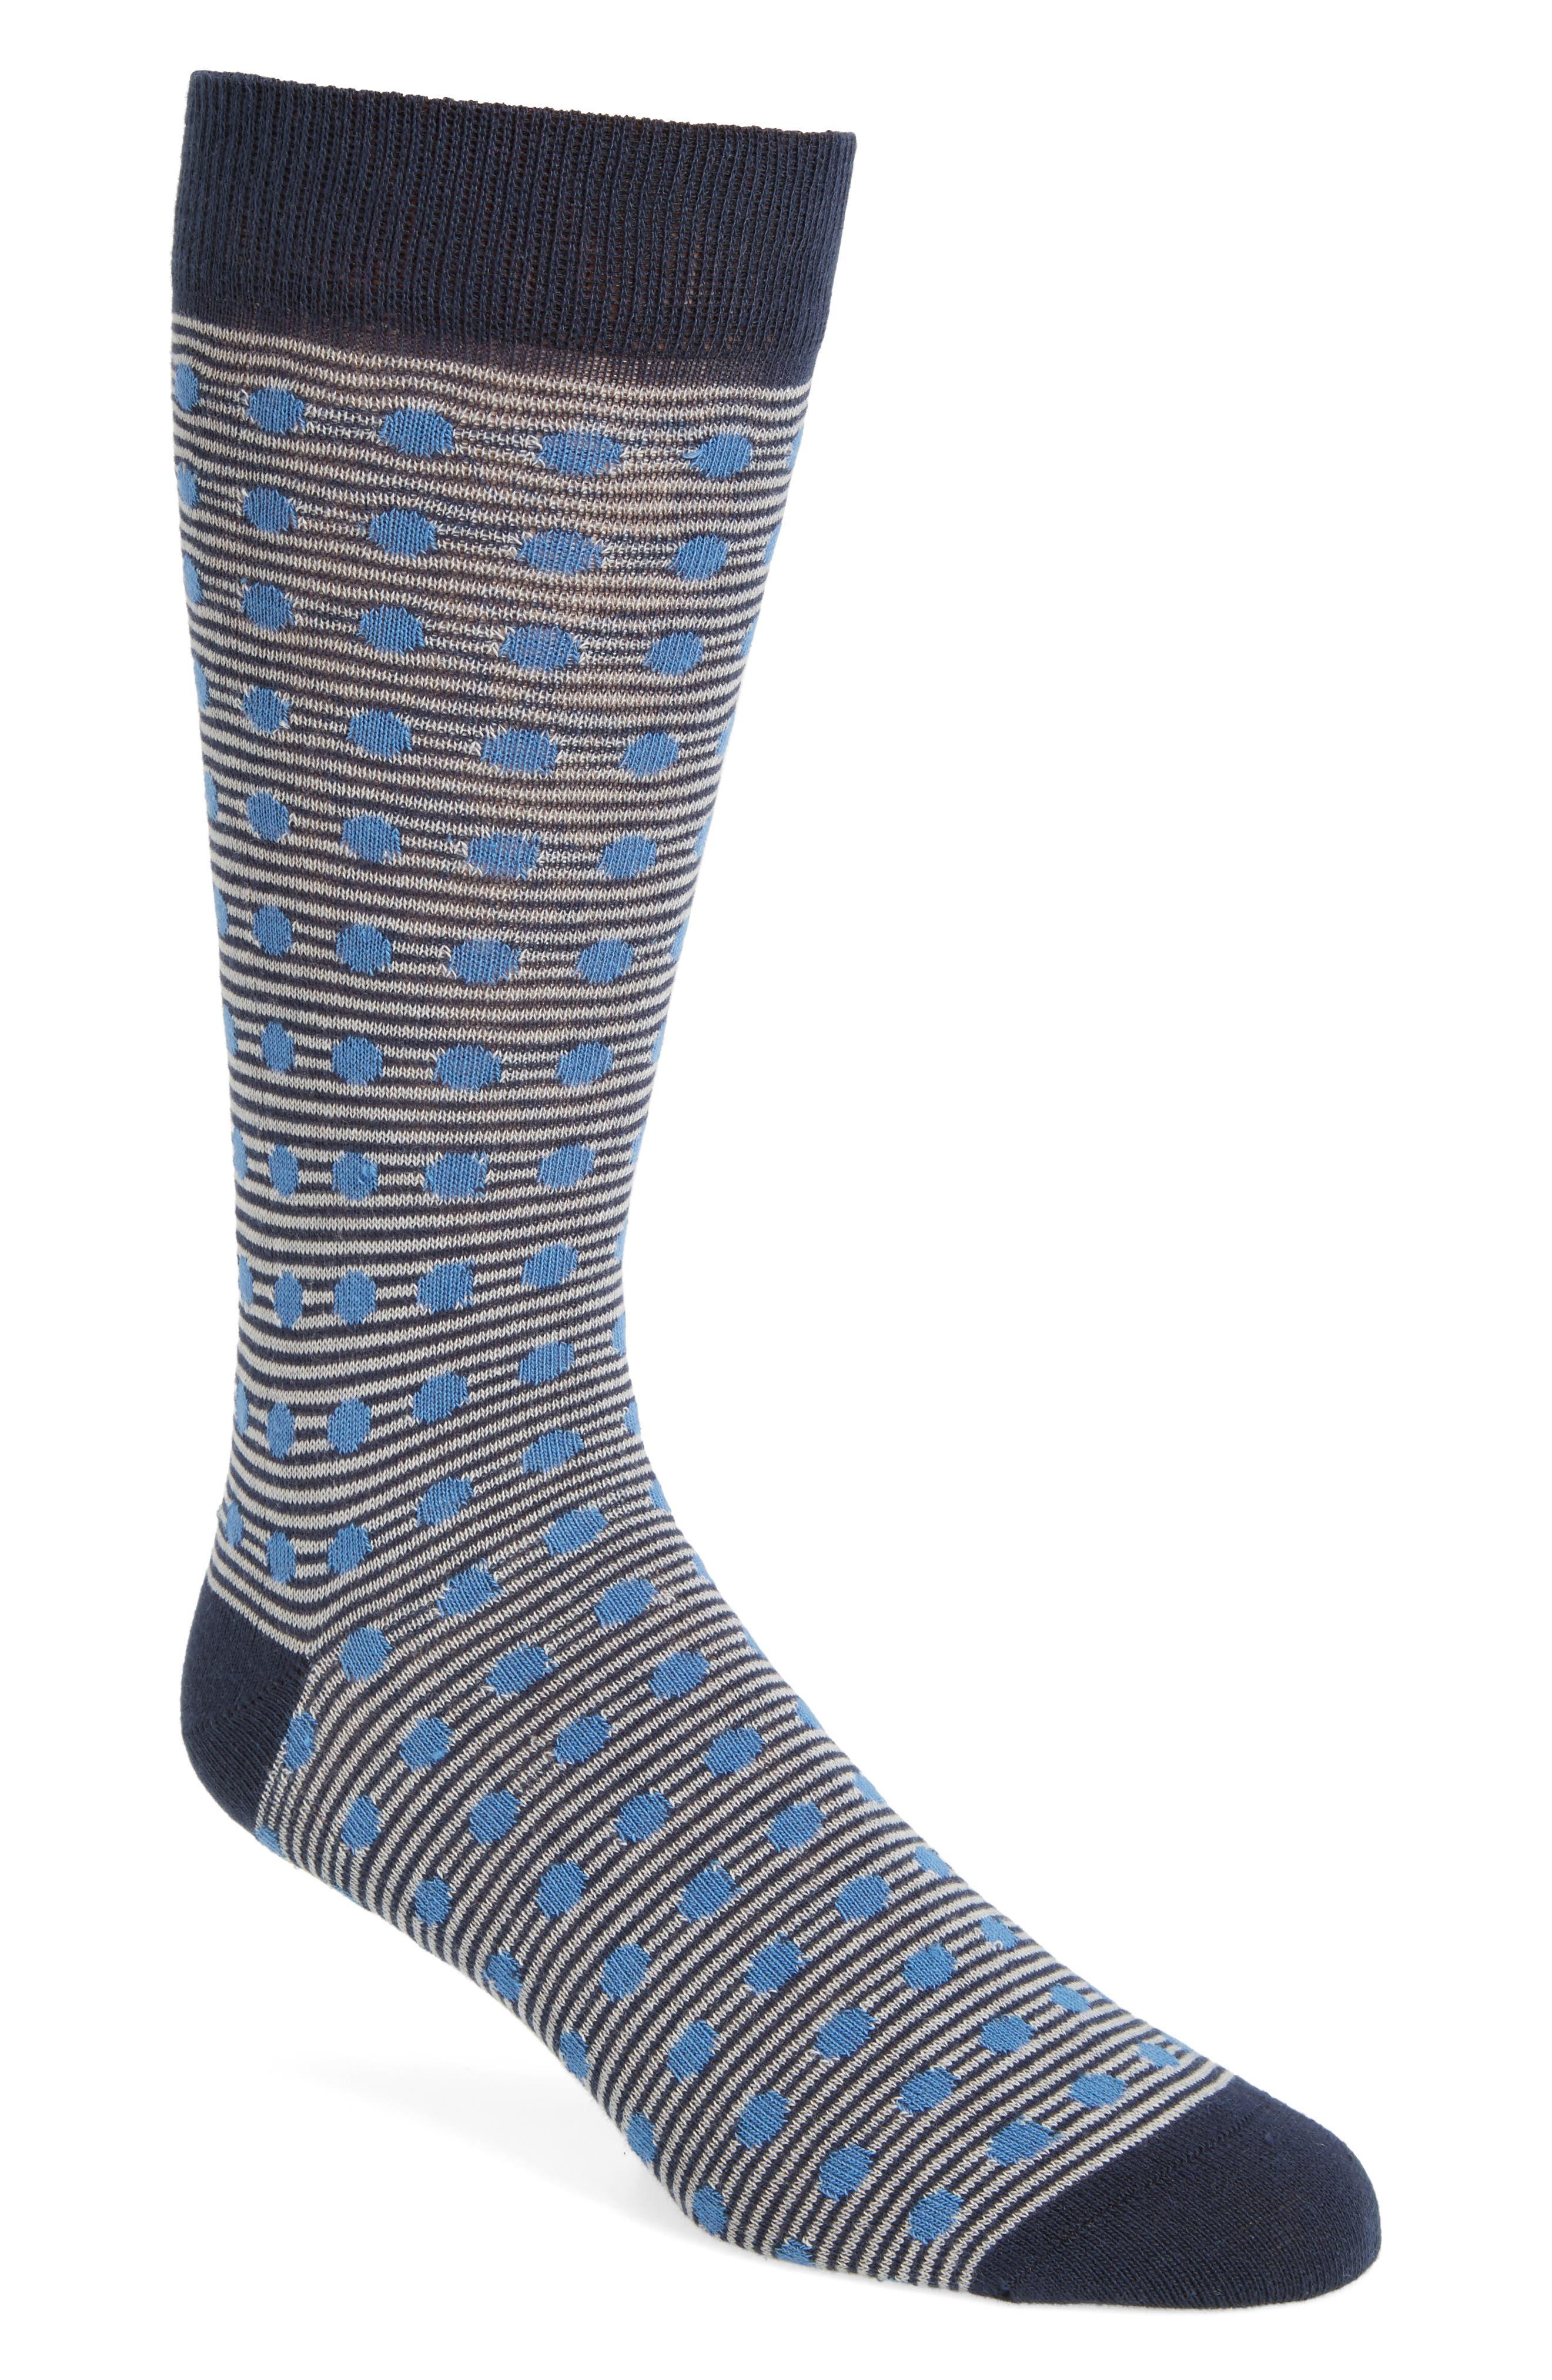 Ted Baker London Dot Stripe Crew Socks